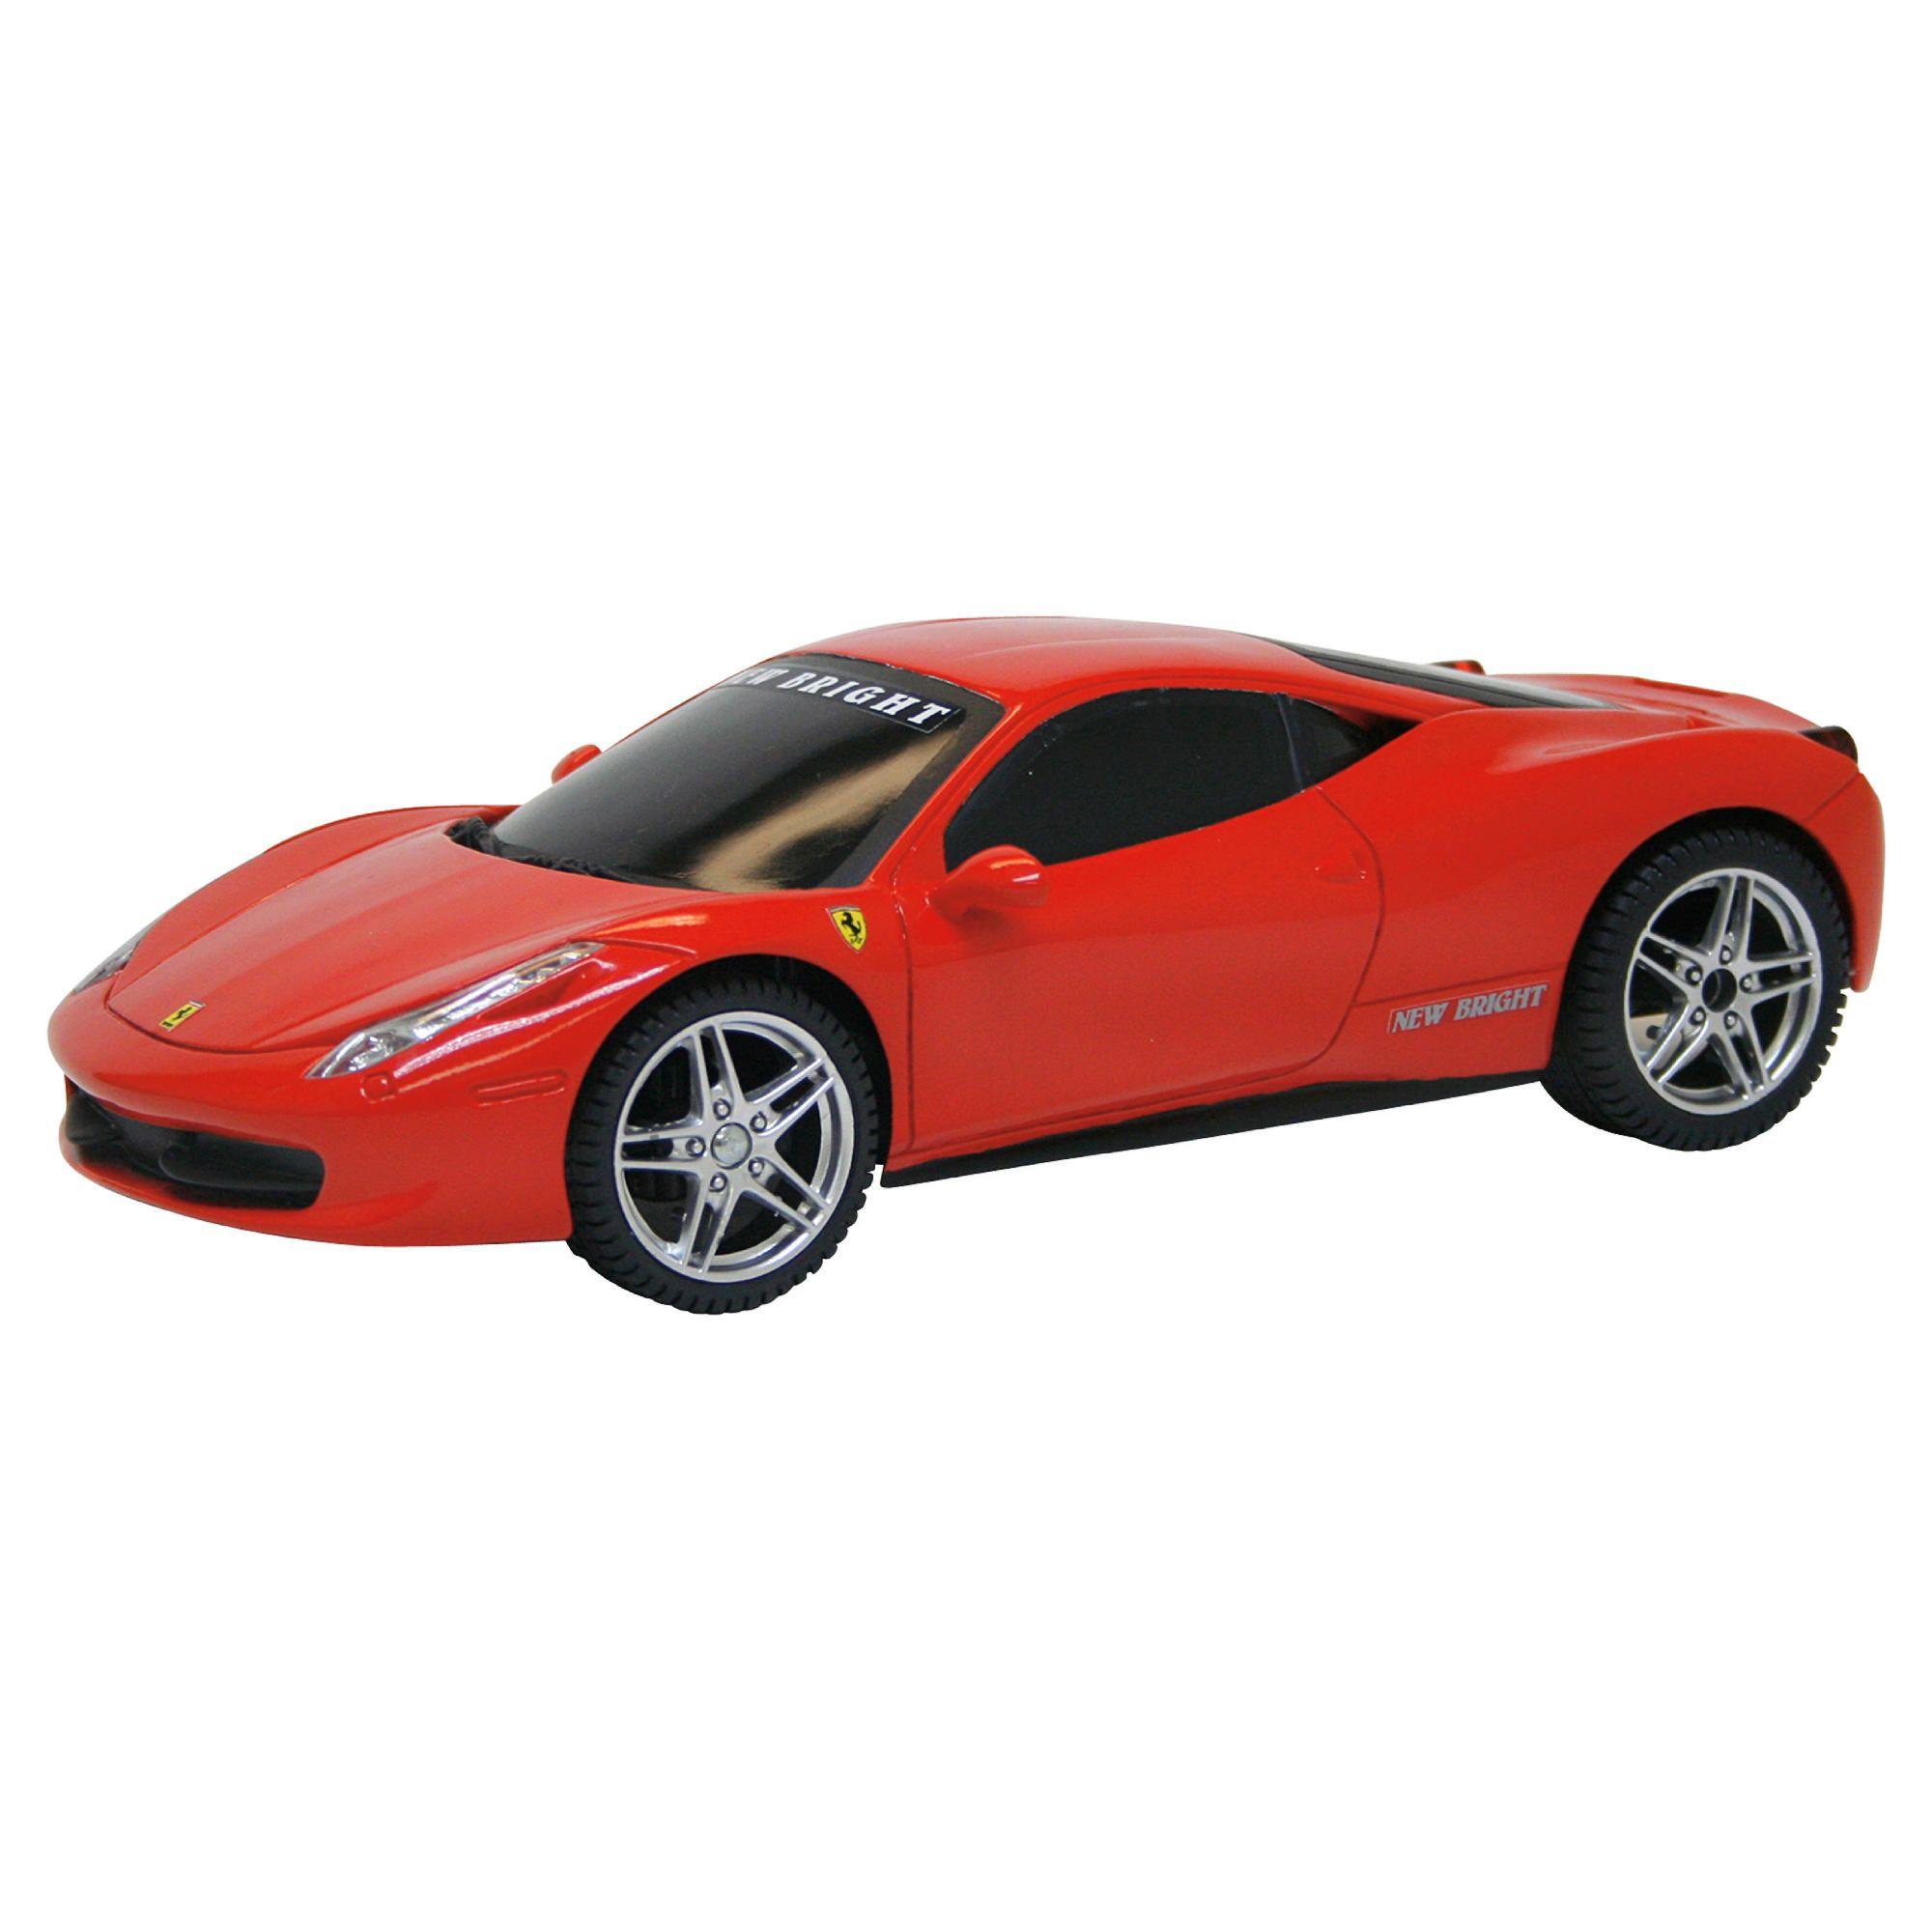 Ferrari F458 Price: Myshop